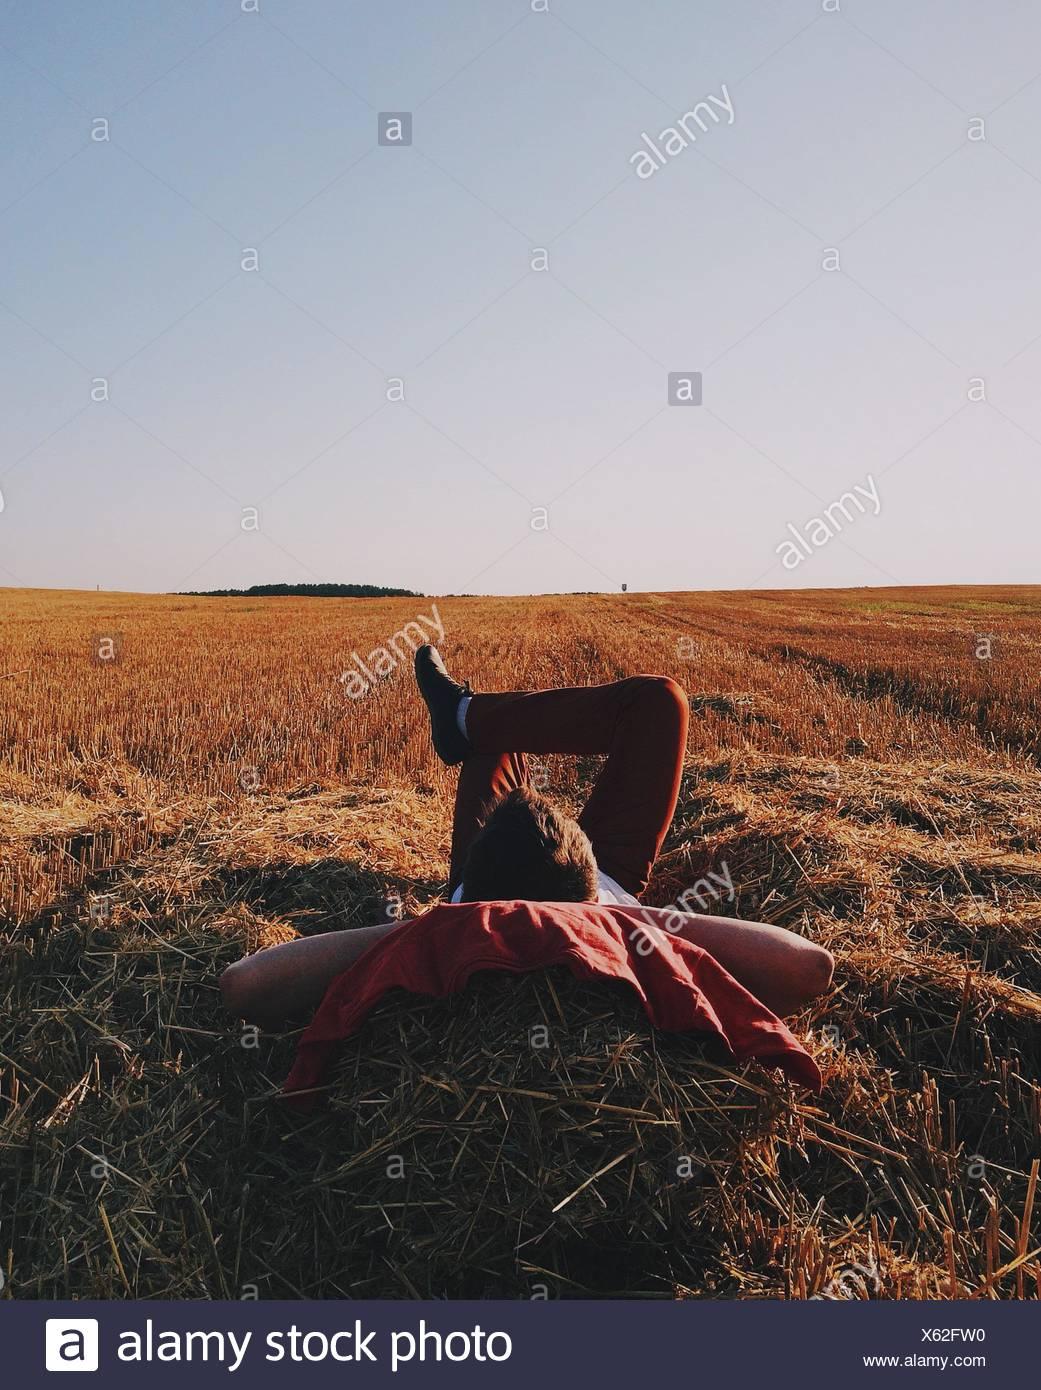 El hombre acostado sobre la paja en el campo Imagen De Stock